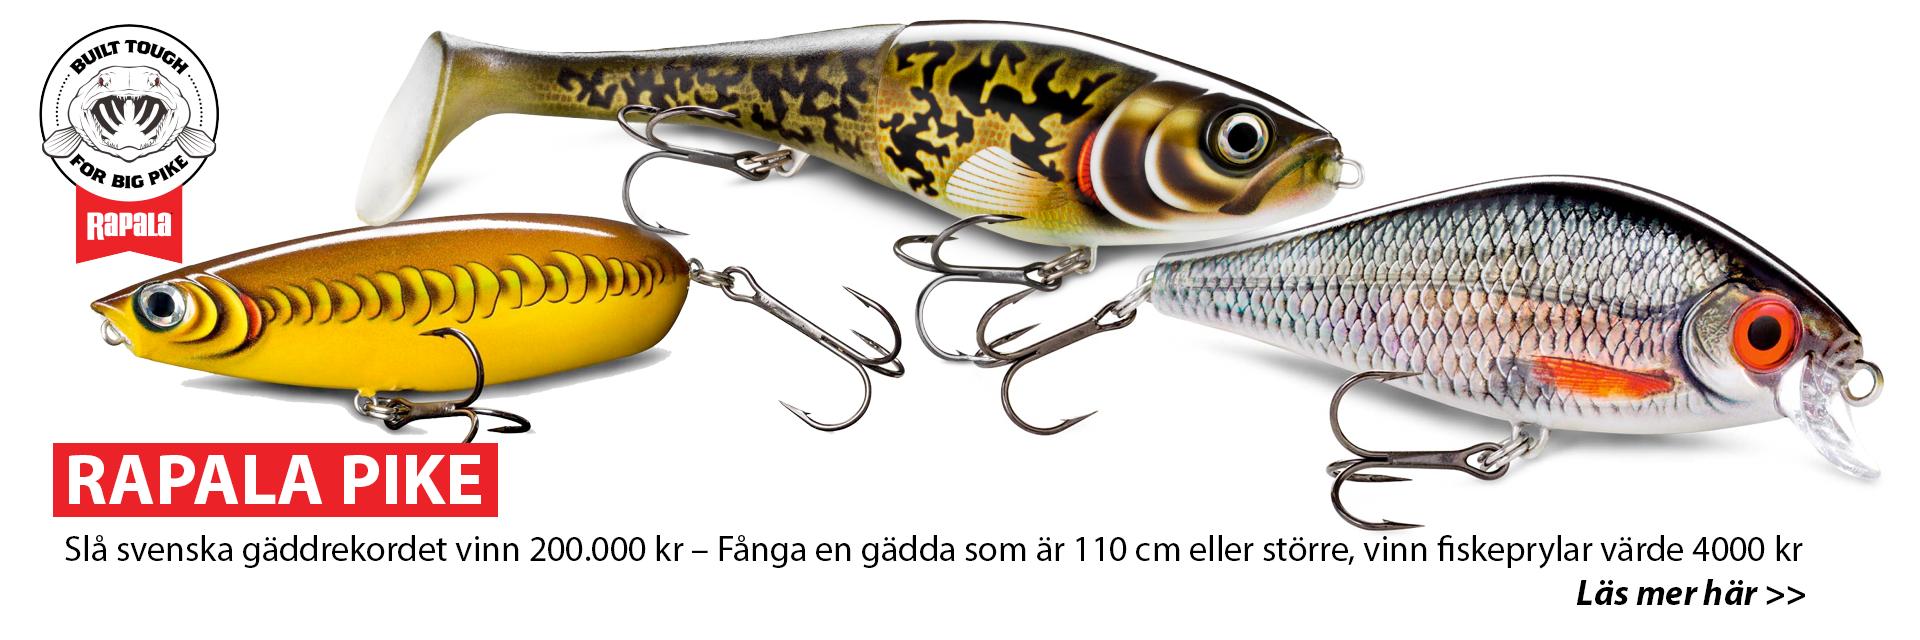 Rapala Pike Tävling